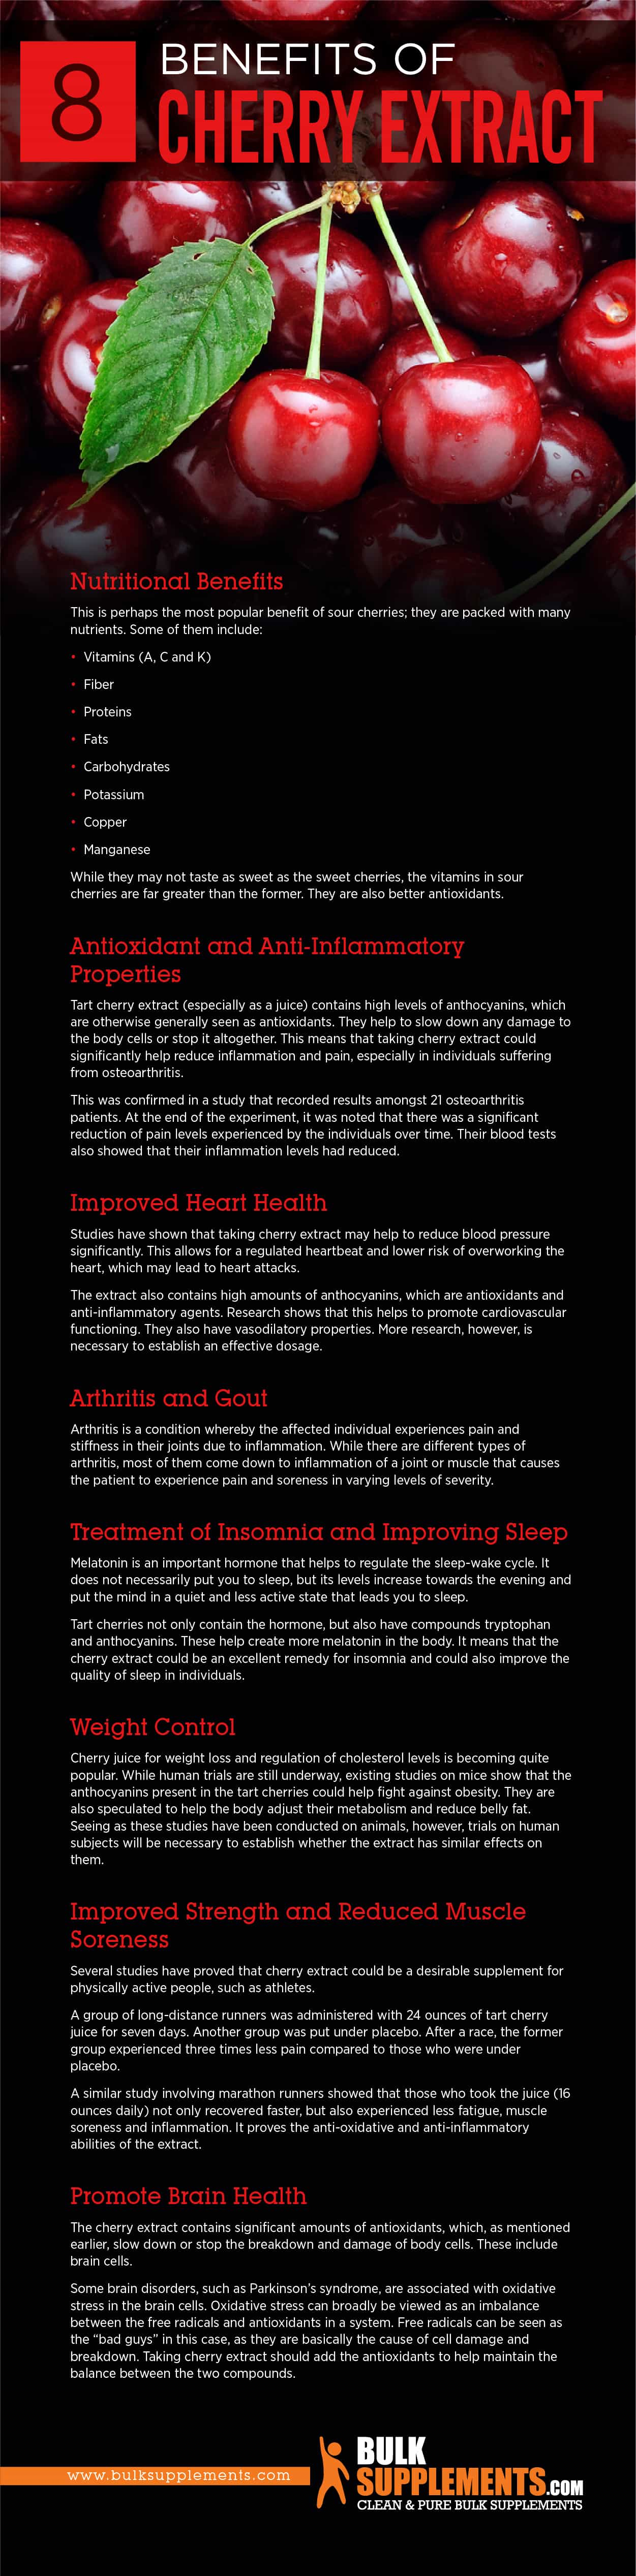 Benefits of Cherry Extract